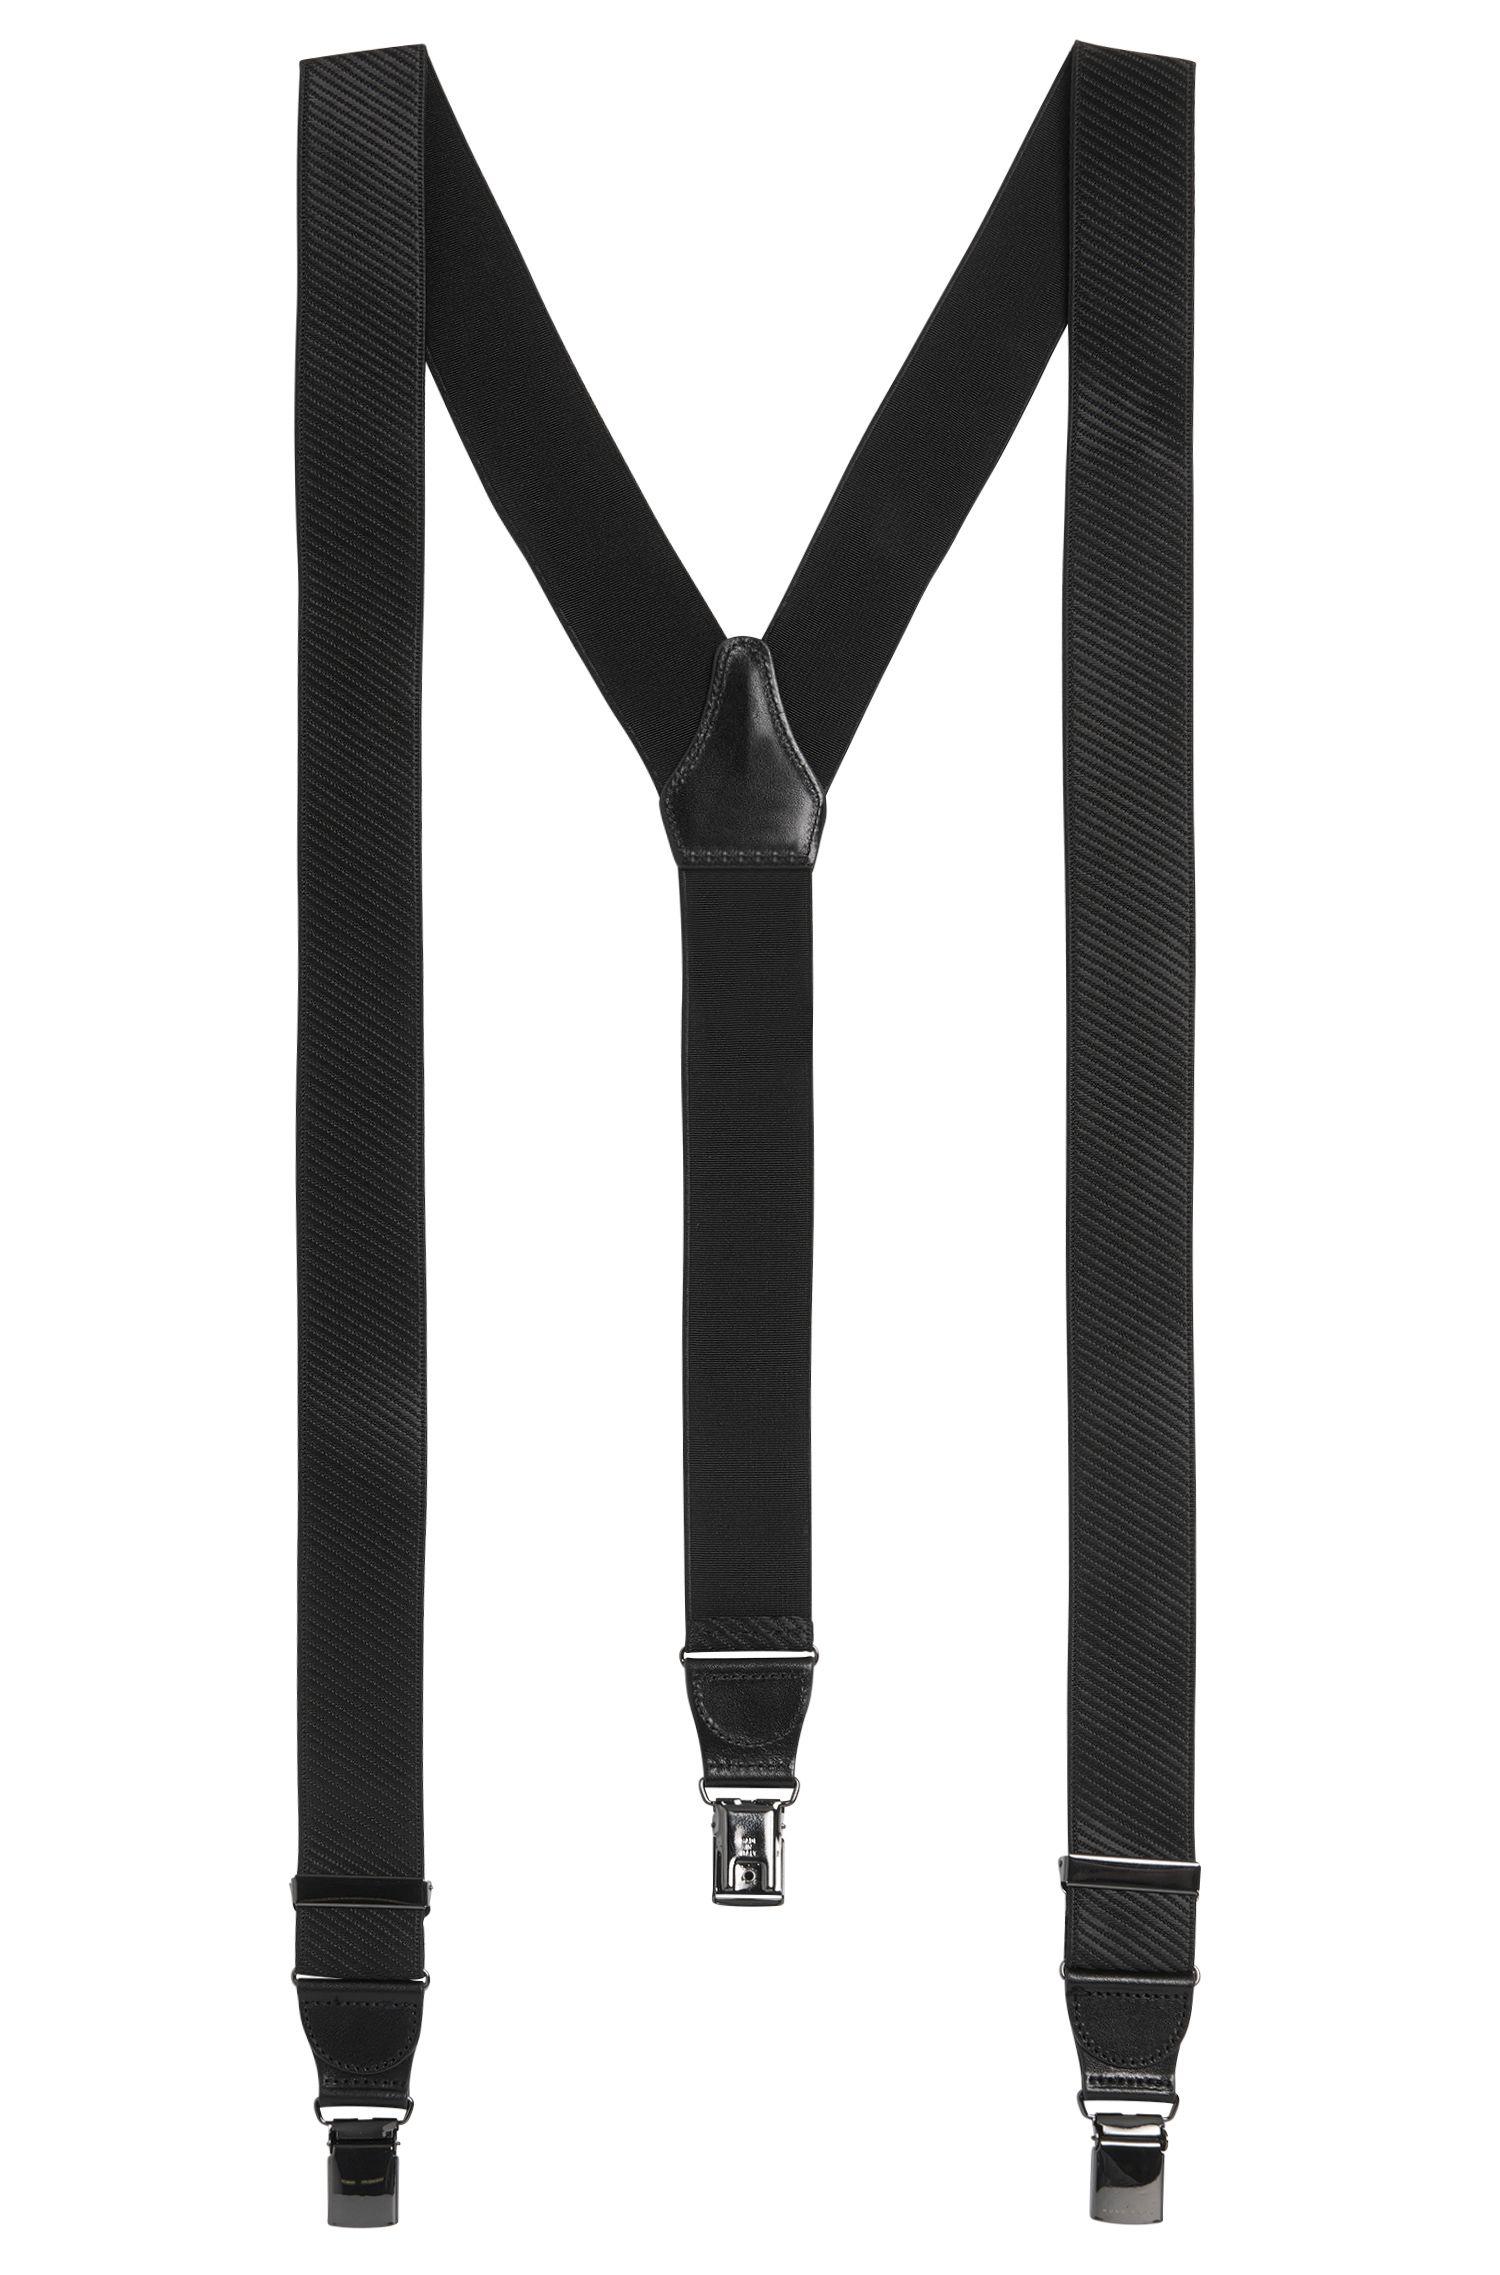 Leather Elastic Suspenders | Bratino